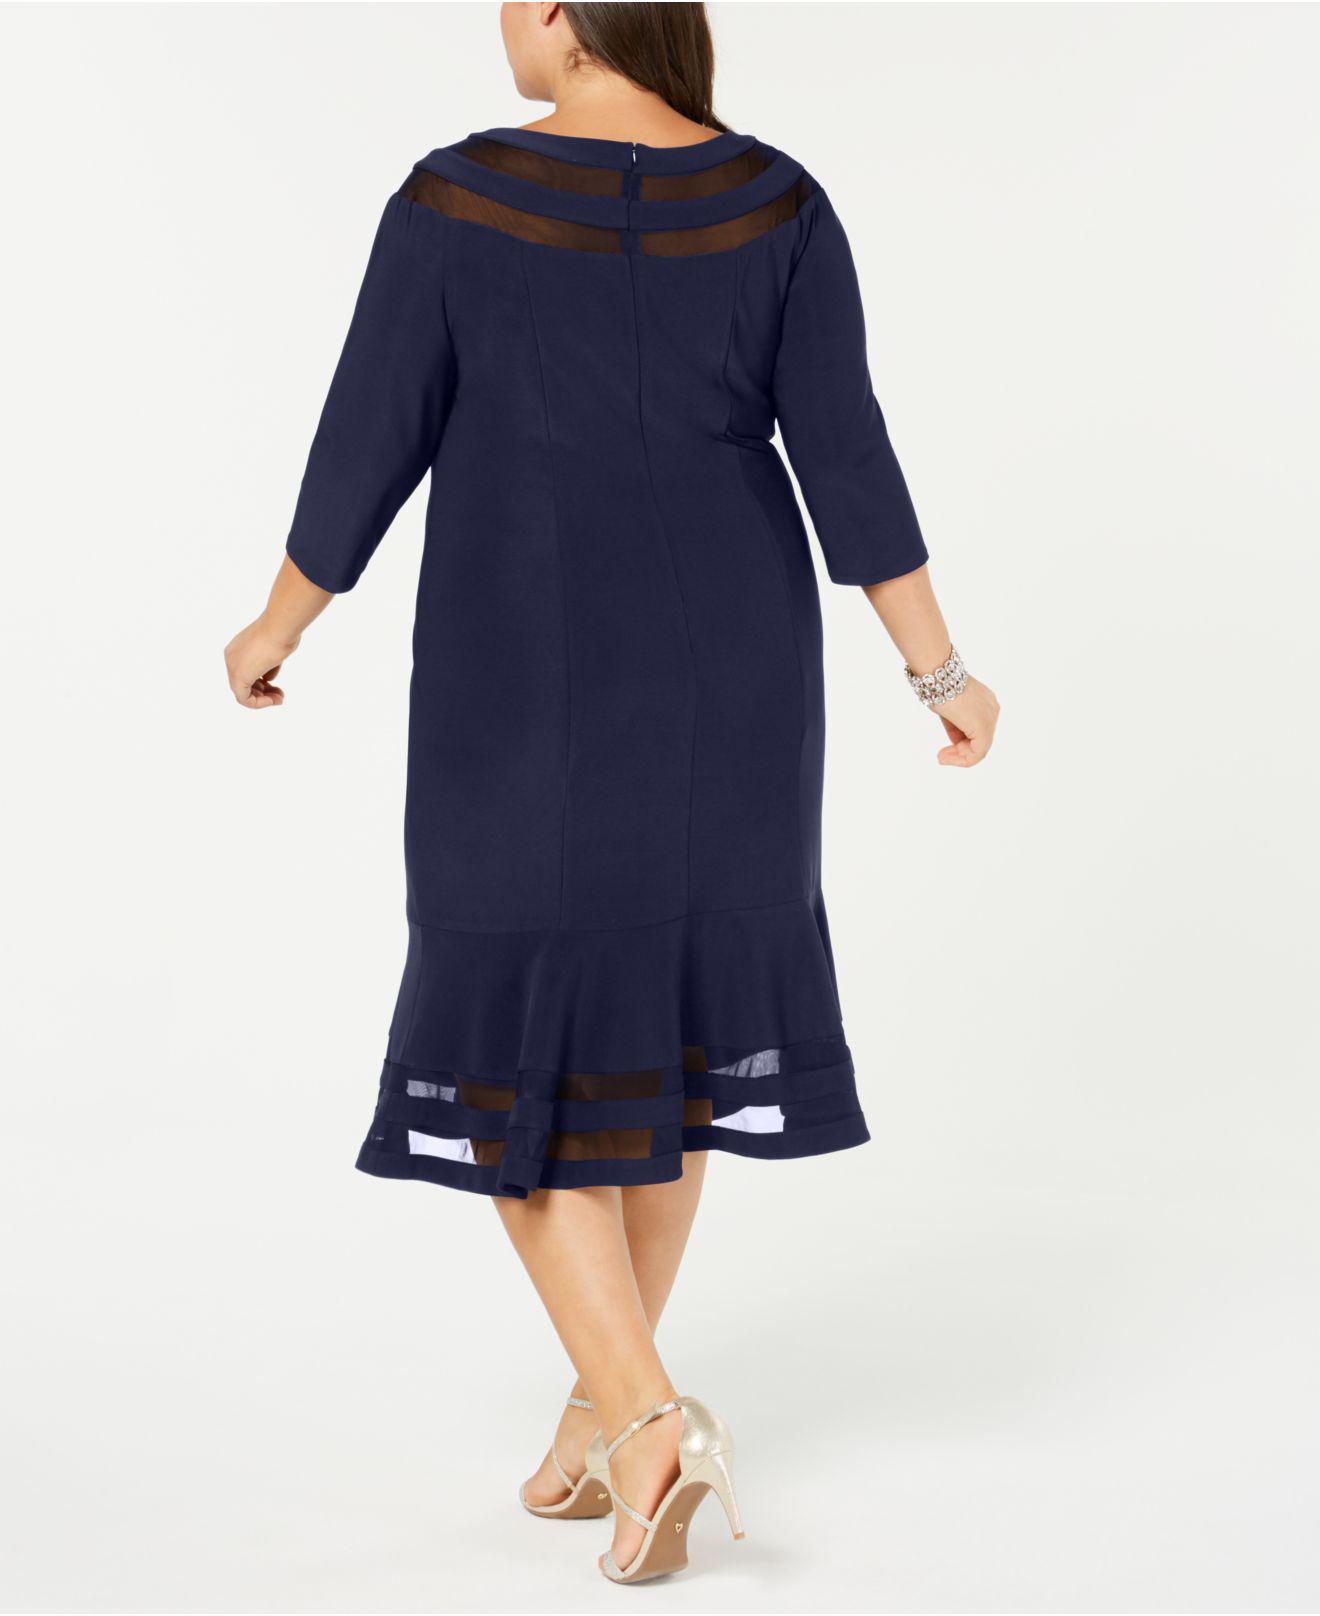 9c8804e9639 Lyst - Xscape Plus Size Illusion-inset Dress in Blue